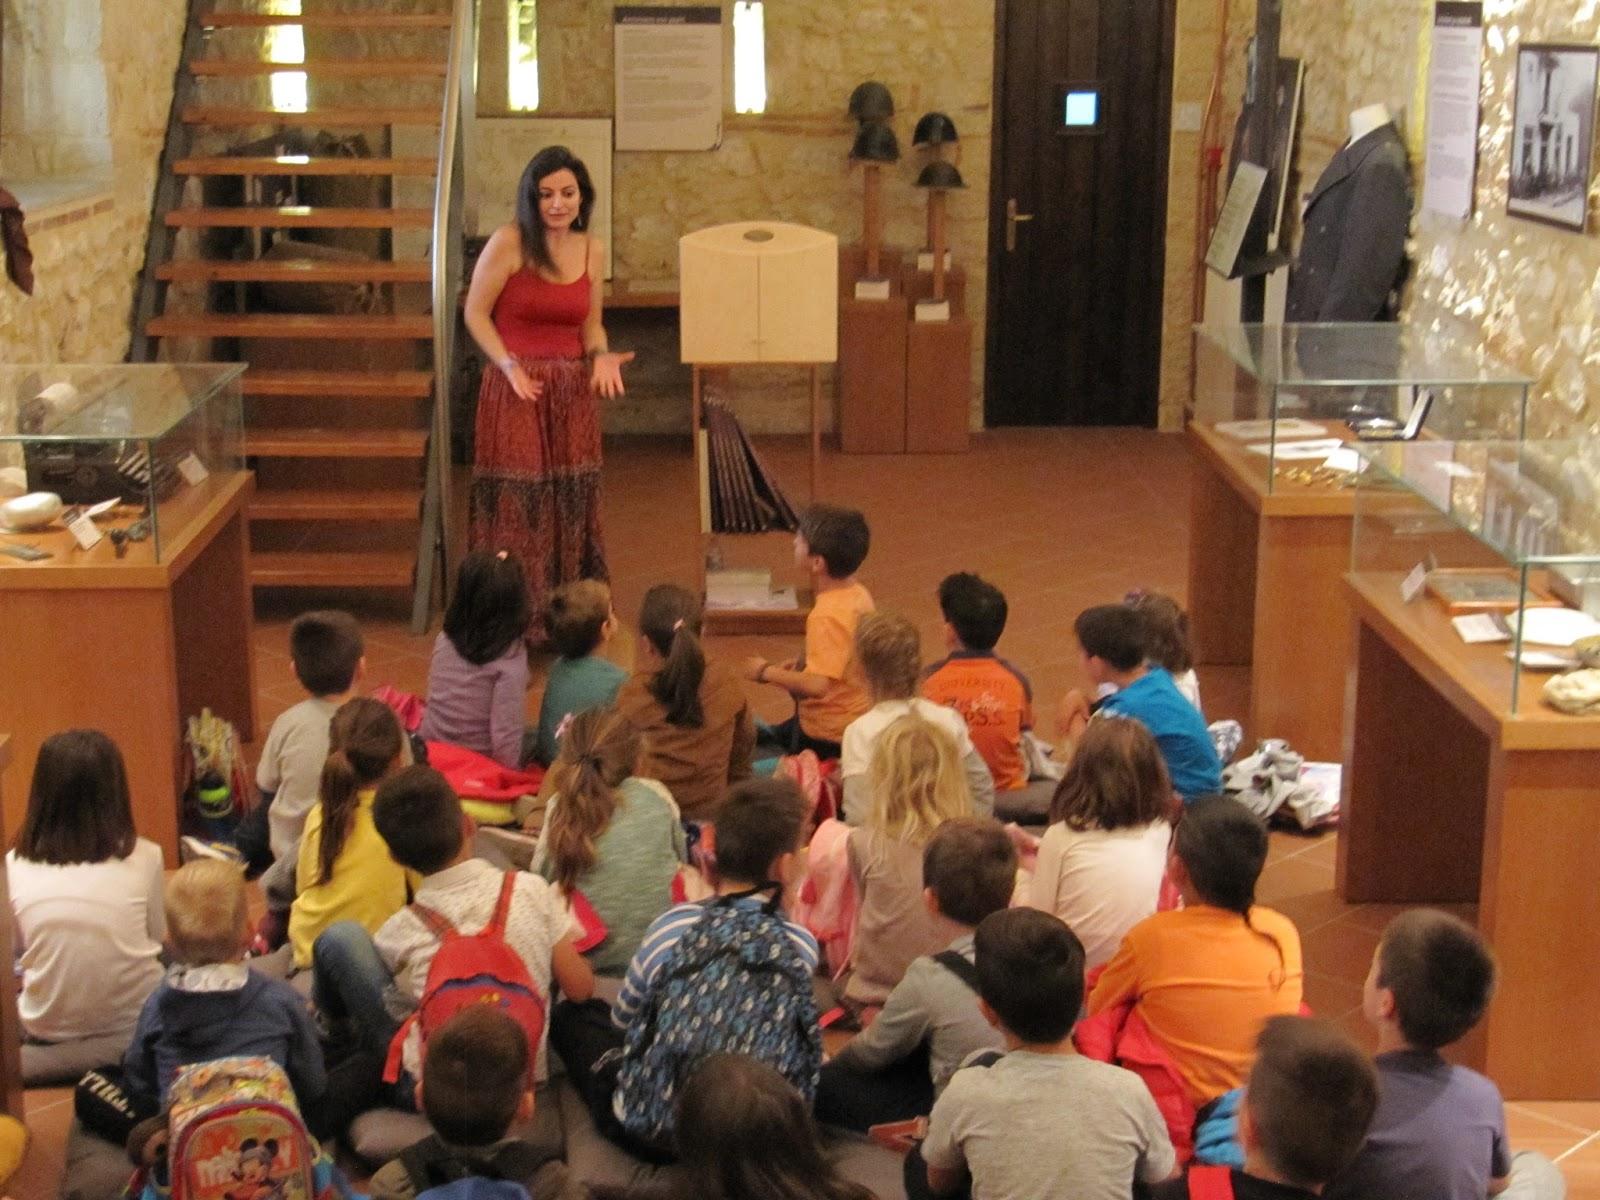 Επίσκεψη των Δημοτικών Σχολείων Τερψιθέας και Καλοχωρίου στο Μουσείο Εθνικής Αντίστασης Λάρισας (ΦΩΤΟ)